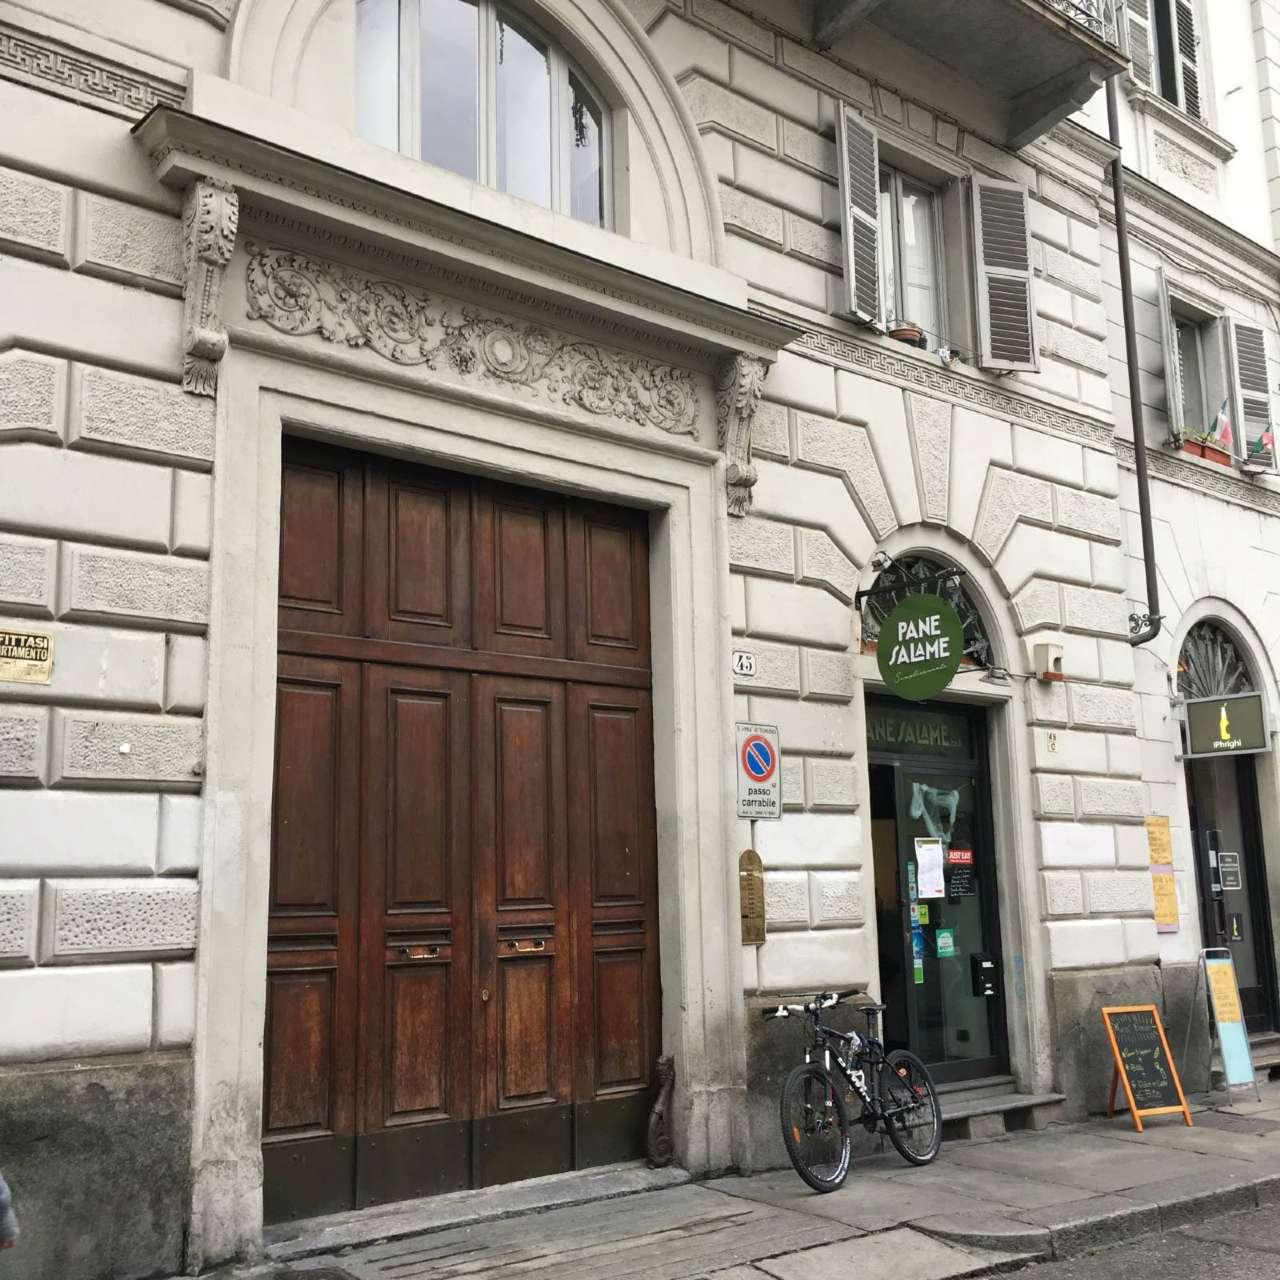 Attico / Mansarda in affitto a Torino, 1 locali, zona Zona: 1 . Centro, Quadrilatero Romano, Repubblica, Giardini Reali, prezzo € 300   Cambio Casa.it